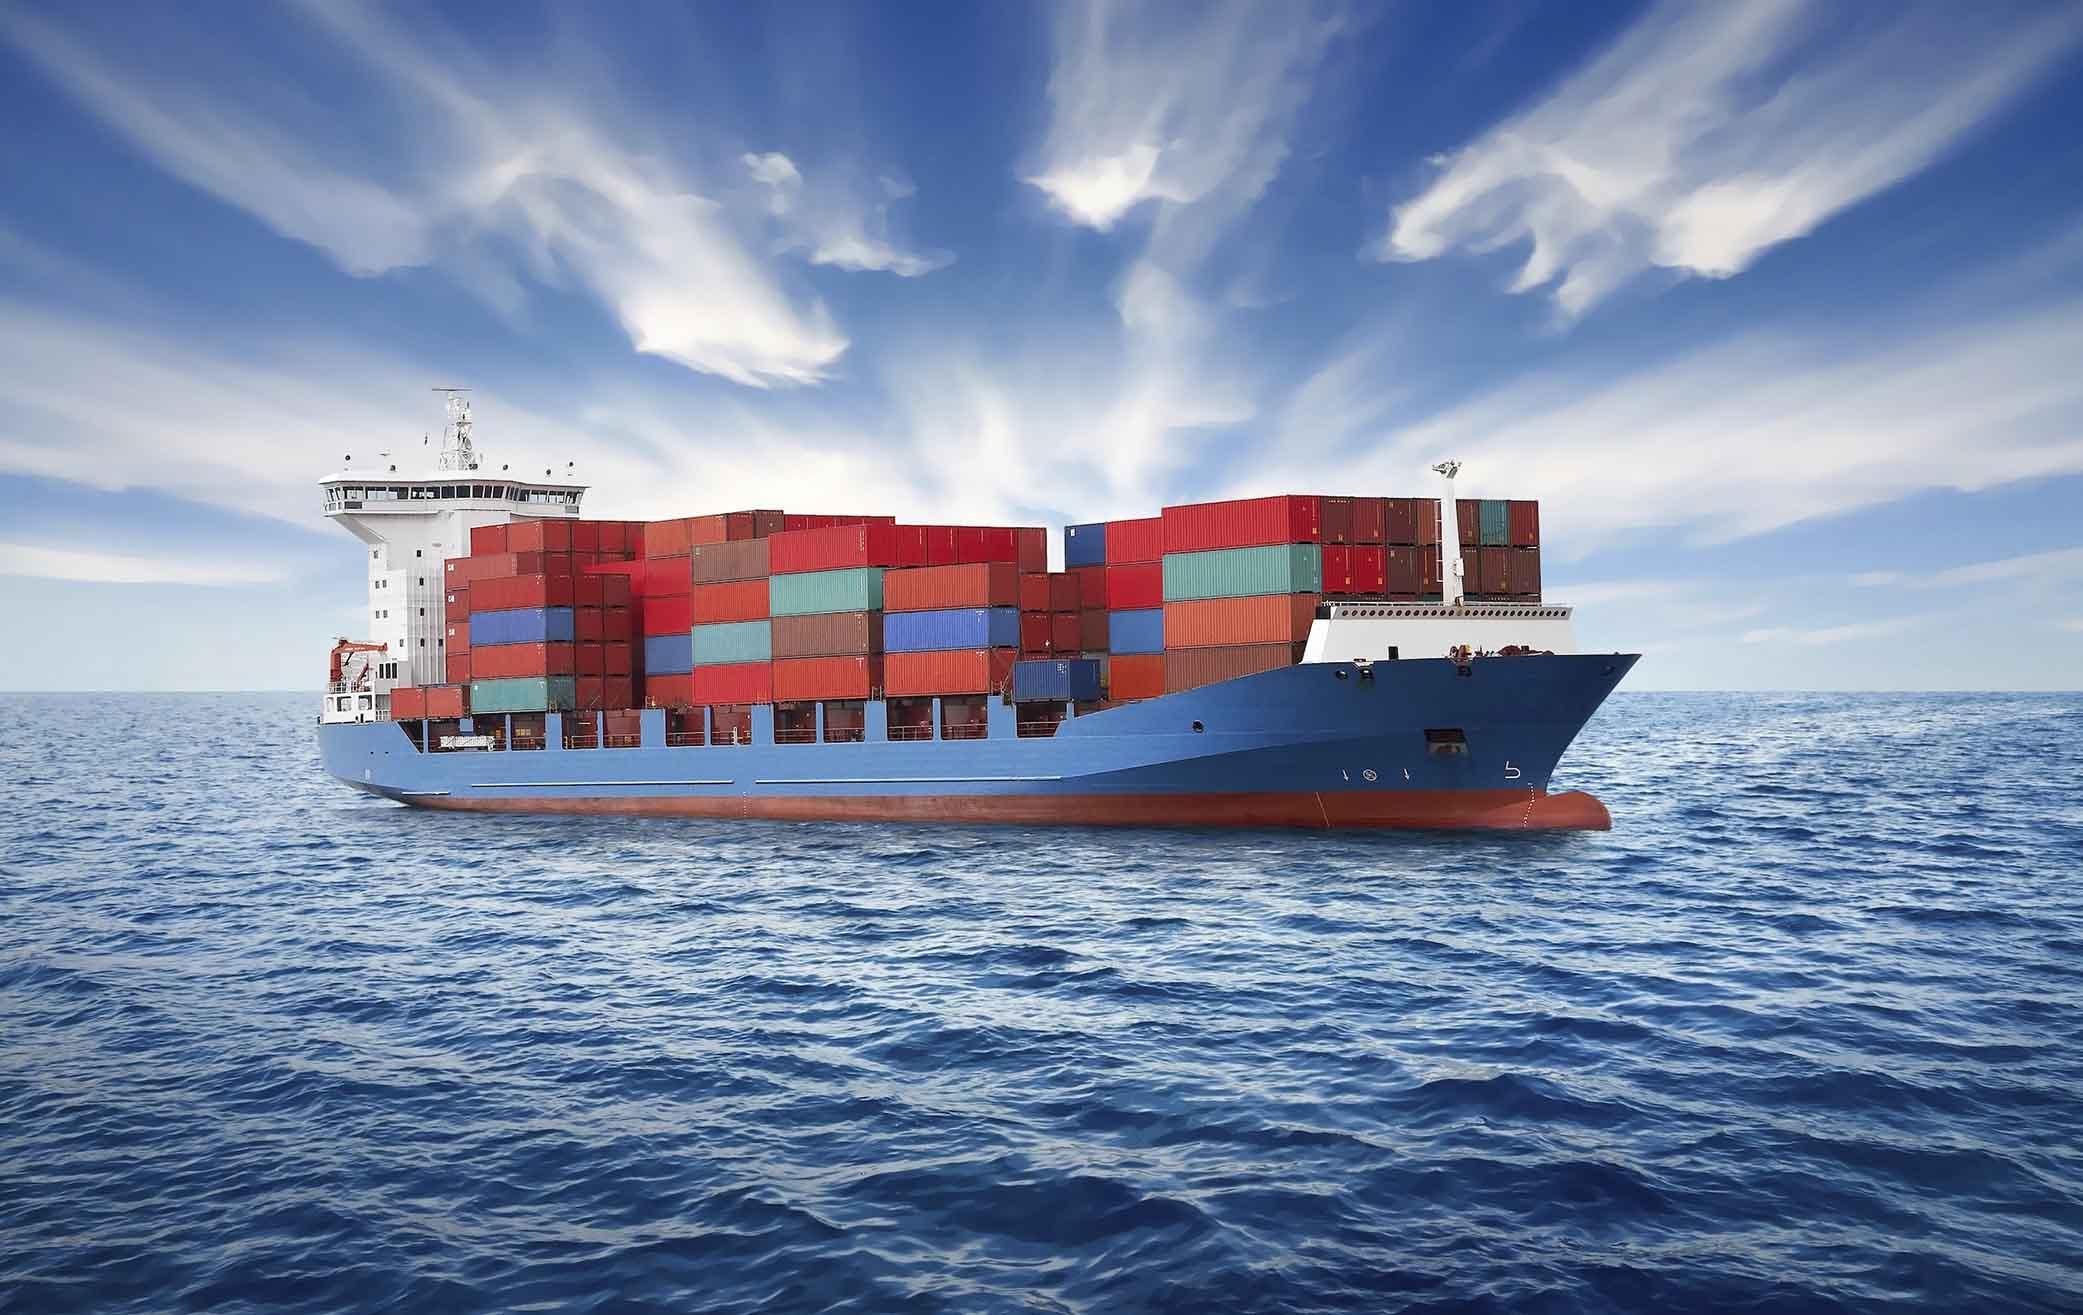 نمایندگی خطوط کشتیرانی بین المللی فعال در ایران